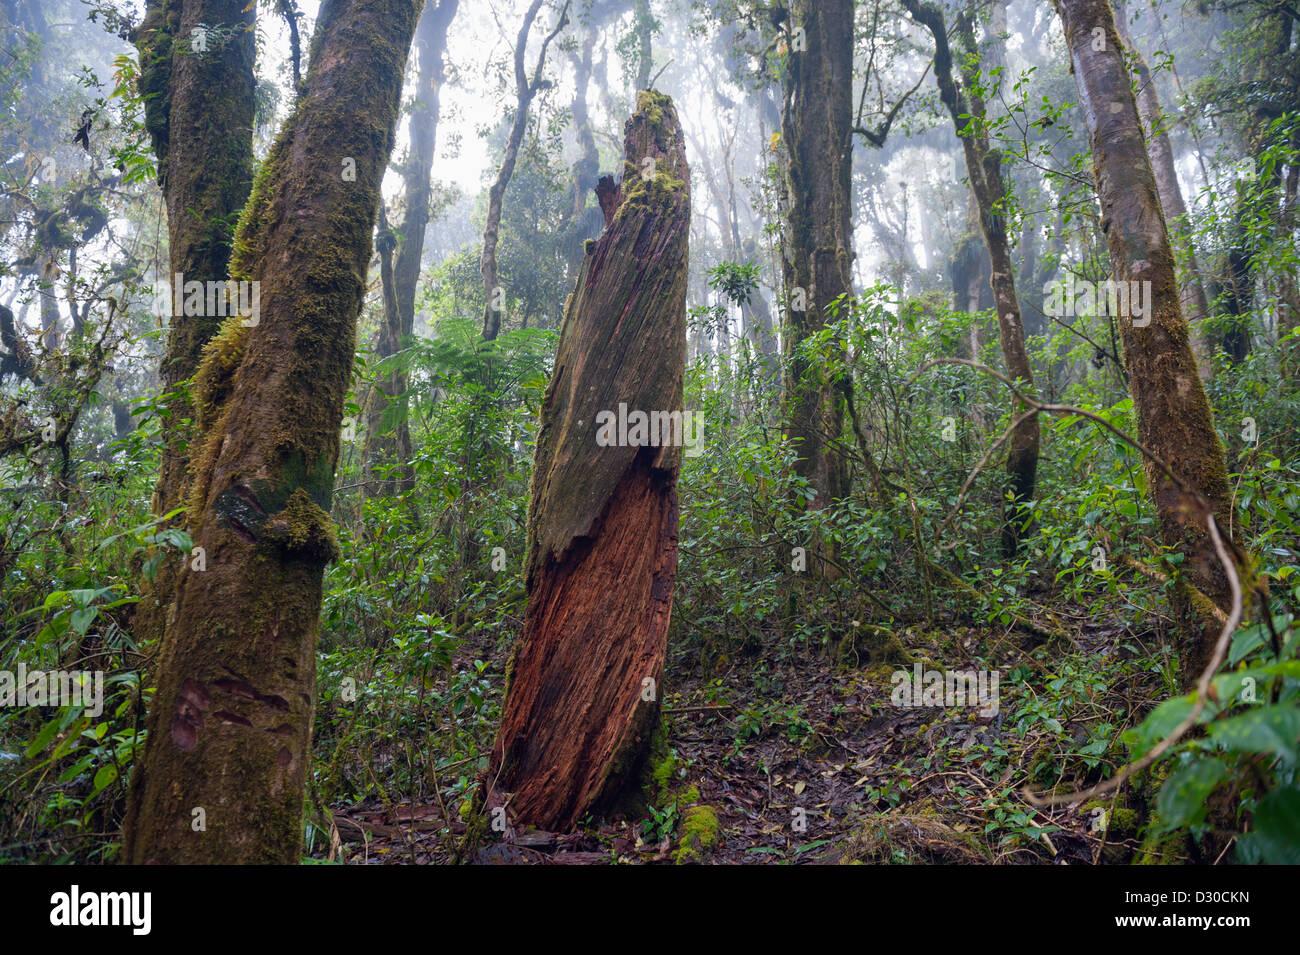 Parque Nacional Montana de Celaque, Gracias, Honduras, Central America - Stock Image